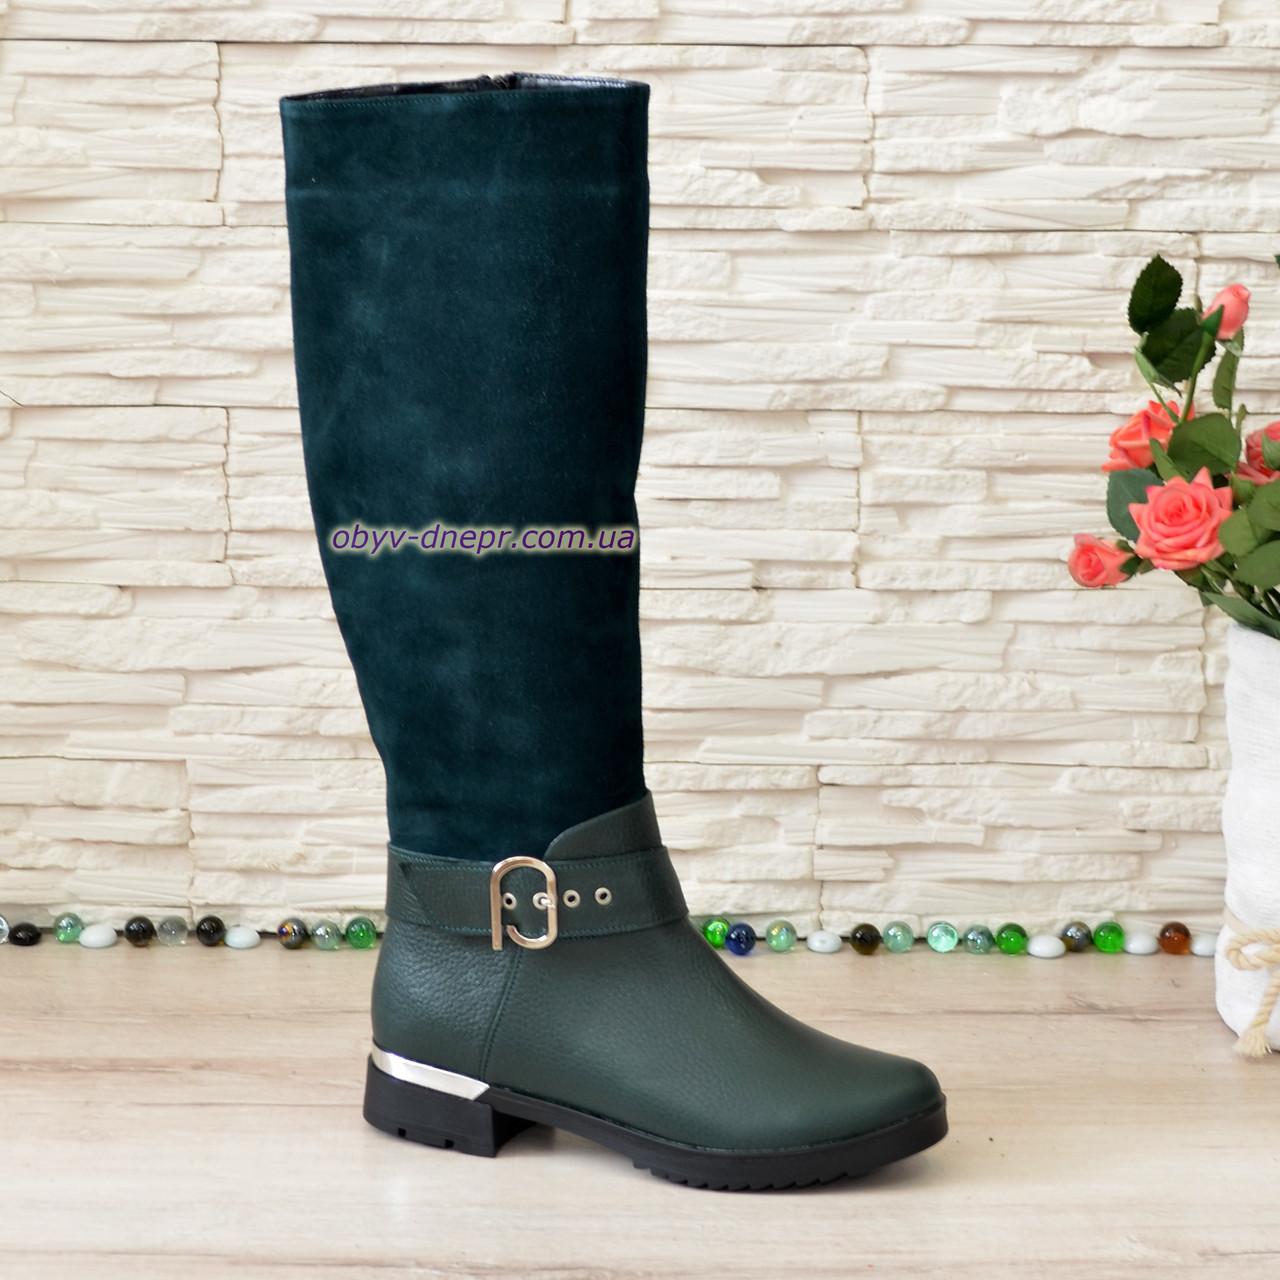 Сапоги женские демисезонные на невысоком каблуке, натуральная кожа флотар и замша